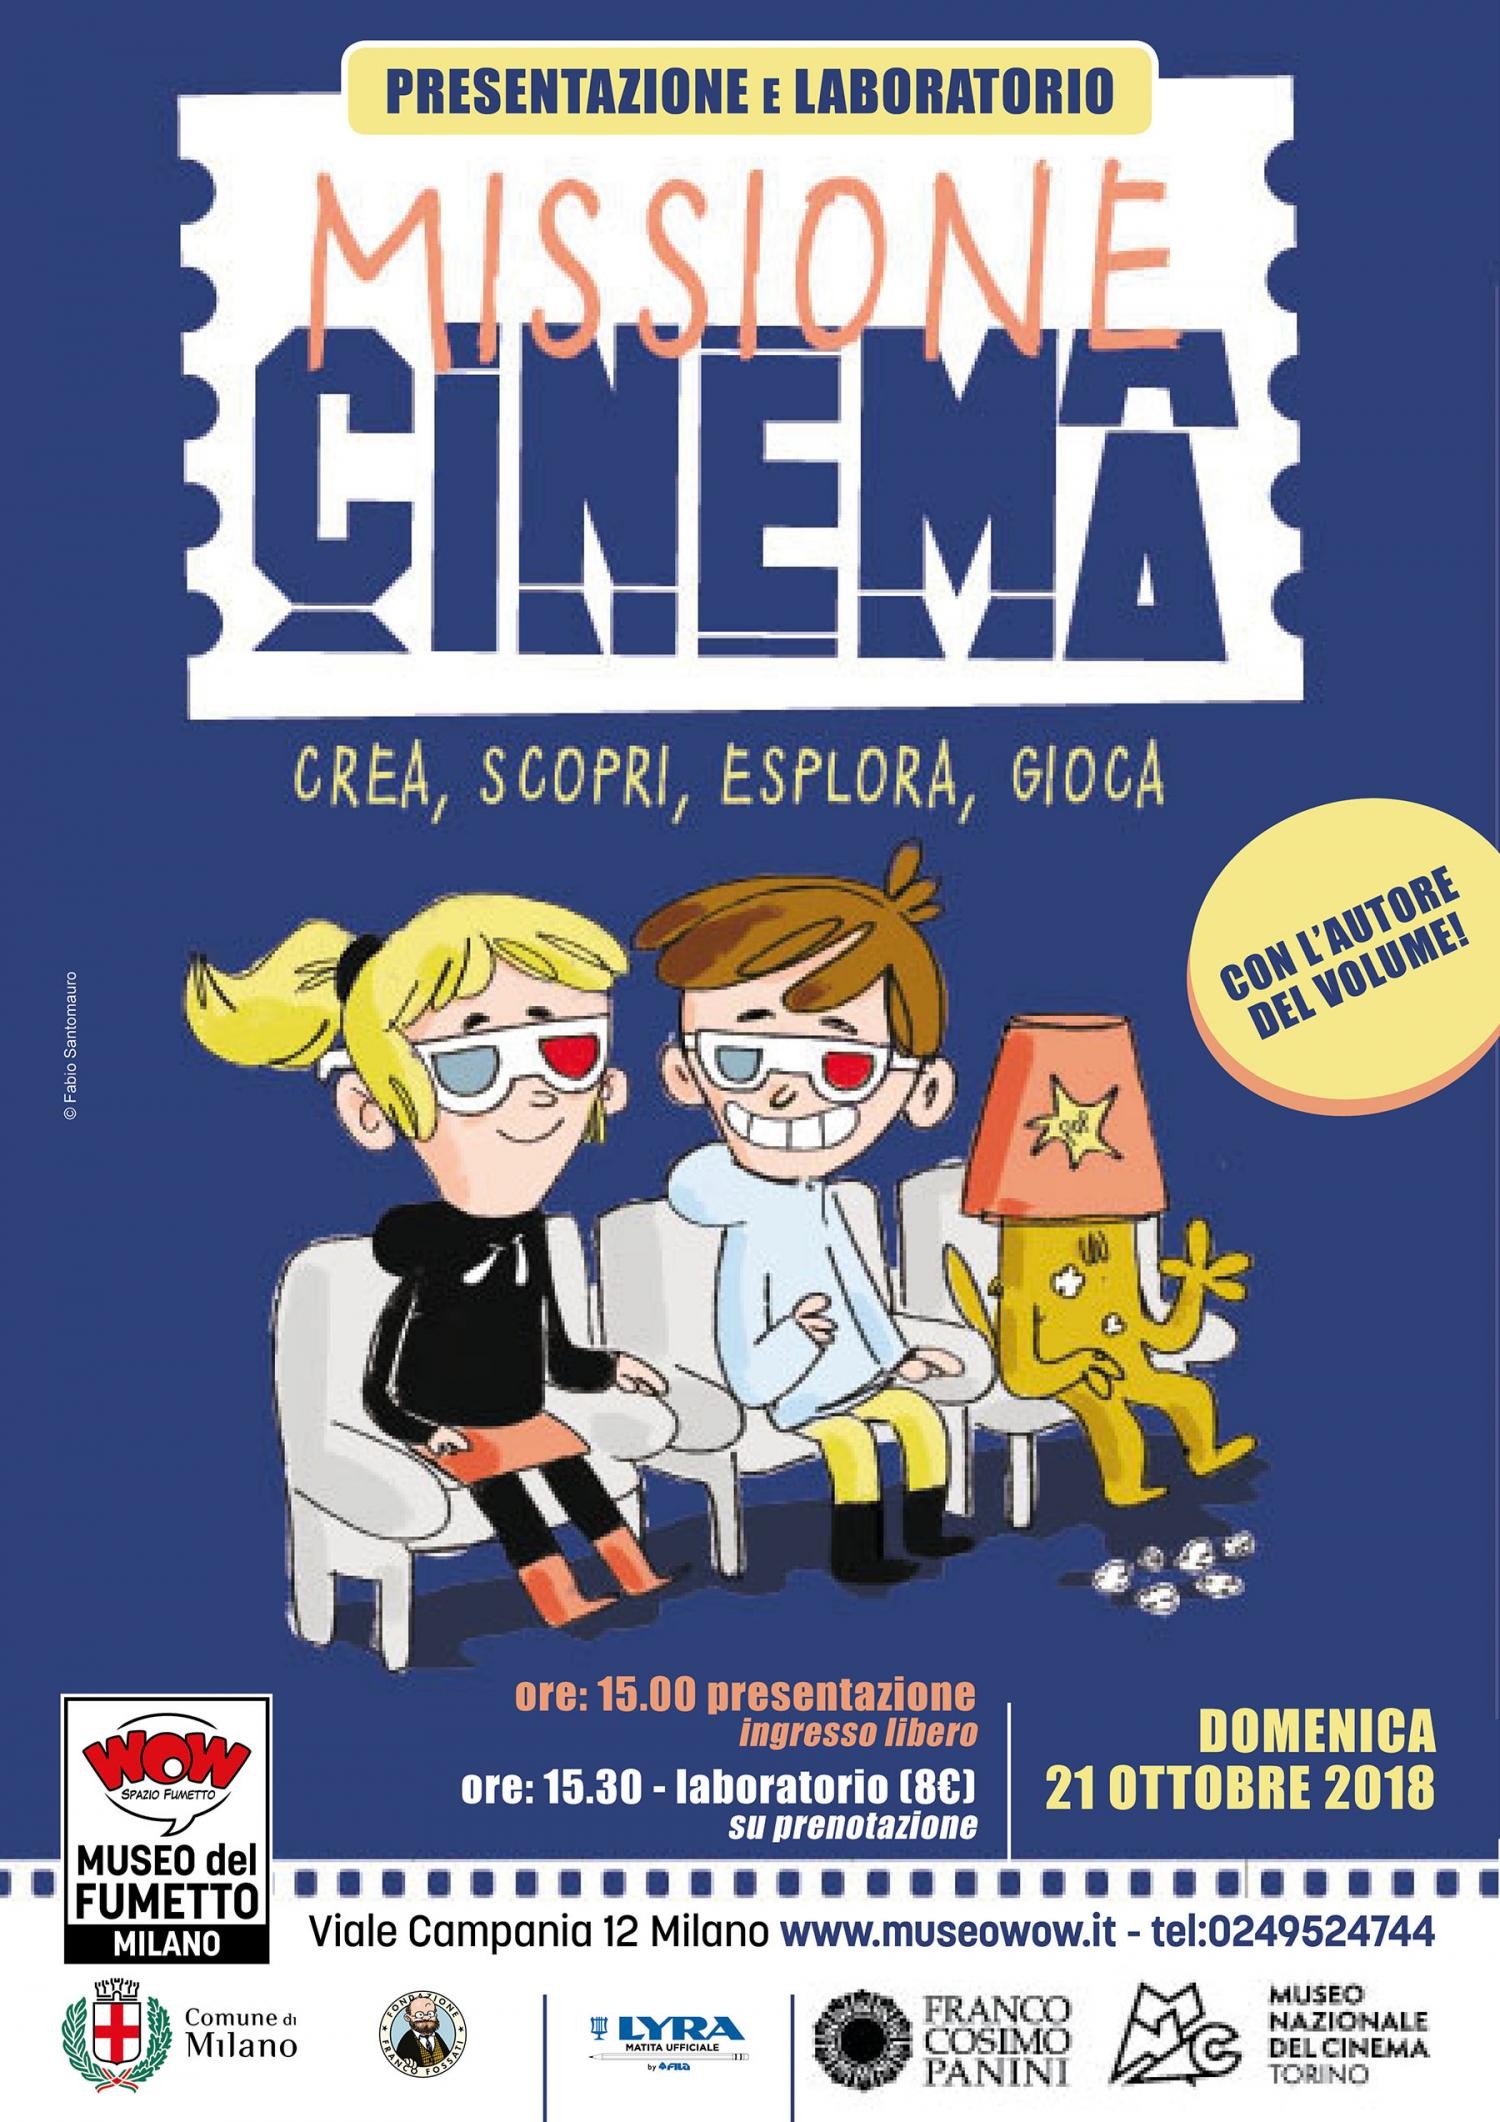 """<p><strong><a target=""""_blank"""" href=""""https://www.francopaniniragazzi.it/index.php/missione-cinema.html"""">Missione Cinema</a>&nbsp;(testi di&nbsp;Giulia Calandra, illustrazioni di Fabio Sanntomauro) &egrave; un libro pensato per accompagnare i giovani lettori alla scoperta del cinema attraverso curiosit&agrave; e approfondimenti</strong>. Un mix di divulgazione, aneddoti e spunti di attivit&agrave; porteranno il bambino a immedesimarsi nel regista: imparer&agrave; come si inventa una storia, come si creano i personaggi e l&rsquo;ambientazione, come deve parlare e muoversi un attore, come si suscita l&rsquo;emozione e come si rende un film indimenticabile&hellip; <strong>E dopo la presentazione del libro, l&rsquo;illustratore <a target=""""_blank"""" href=""""http://fabiosantomauro.blogspot.com/"""">Fabio Santomauro (Fabbio Conduebbi)</a> sveler&agrave; ai giovani disegnatori i &ldquo;trucchi&rdquo; del mestiere</strong>. Con matite, cartoncini e colori daremo vita a una illustrazione ispirata alle pagine del libro. Chi saranno i protagonisti della nostra storia? Venite a scoprirlo! Evento organizzato in collaborazione con <strong><a target=""""_blank"""" href=""""https://www.fcp.it/"""">Franco Cosimo Panini</a></strong>. Il laboratorio &egrave;&nbsp;per bambini&nbsp;<strong>dai&nbsp;7 anni in su;&nbsp;l&#39;iscrizione&nbsp;al laboratorio d&agrave; diritto a uno sconto sull&#39;acquisto del libro &ldquo;Missione Cinema&rdquo;</strong>.</p>"""